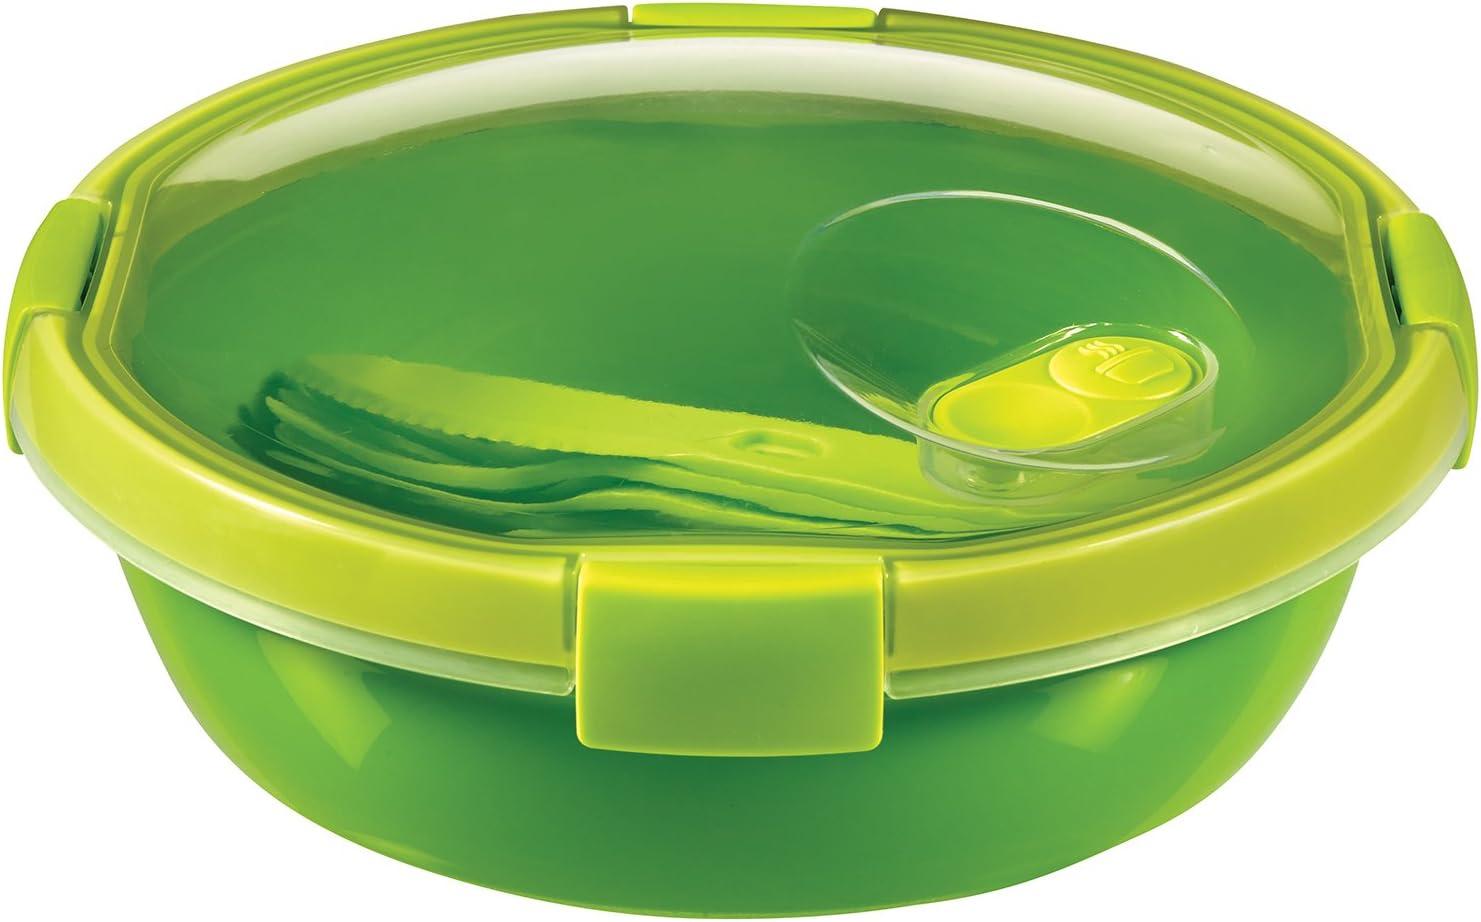 - Con Cubiertos y Salsera herm/ético Smart To Go Lunch Kit Redondo 1,6L Lavavajillas y Congelador Apto para Microondas Curver Color Verde Lima